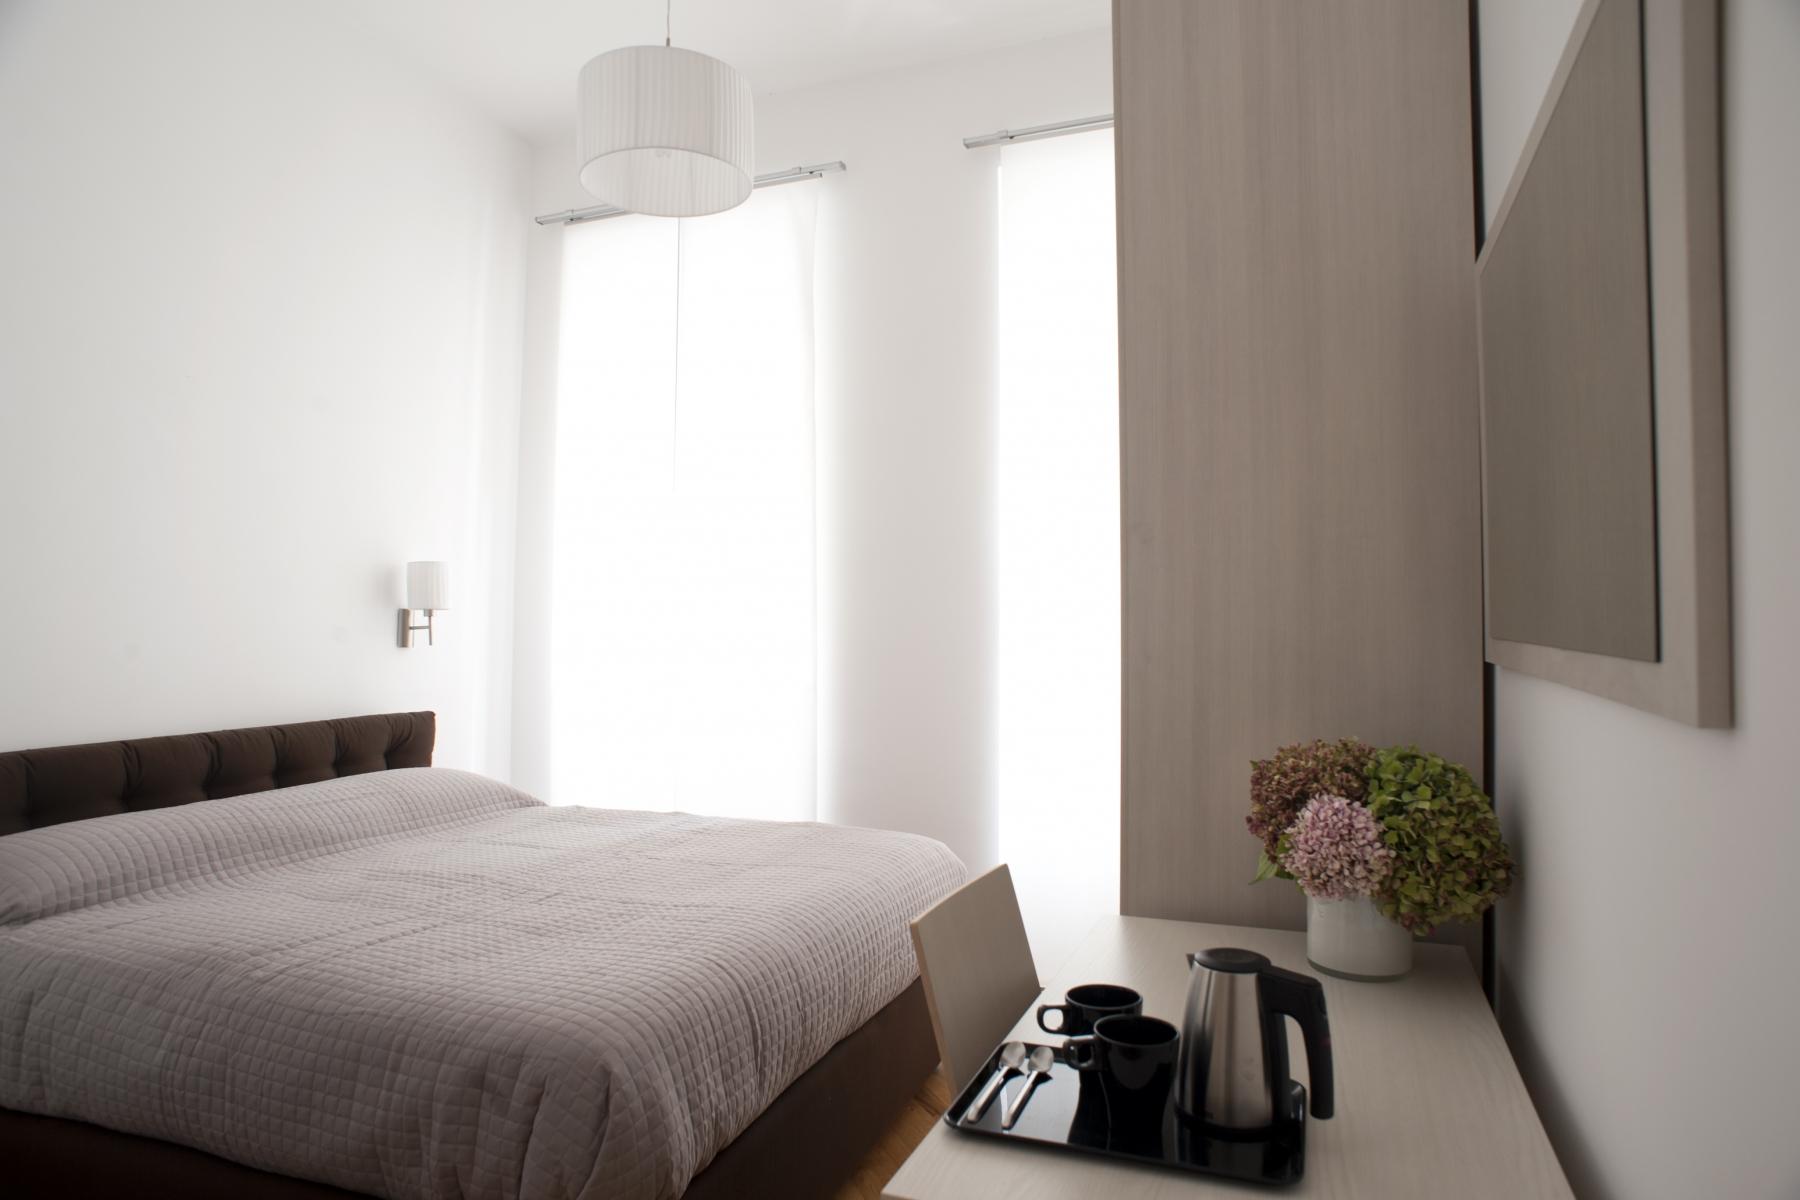 Room-1.A